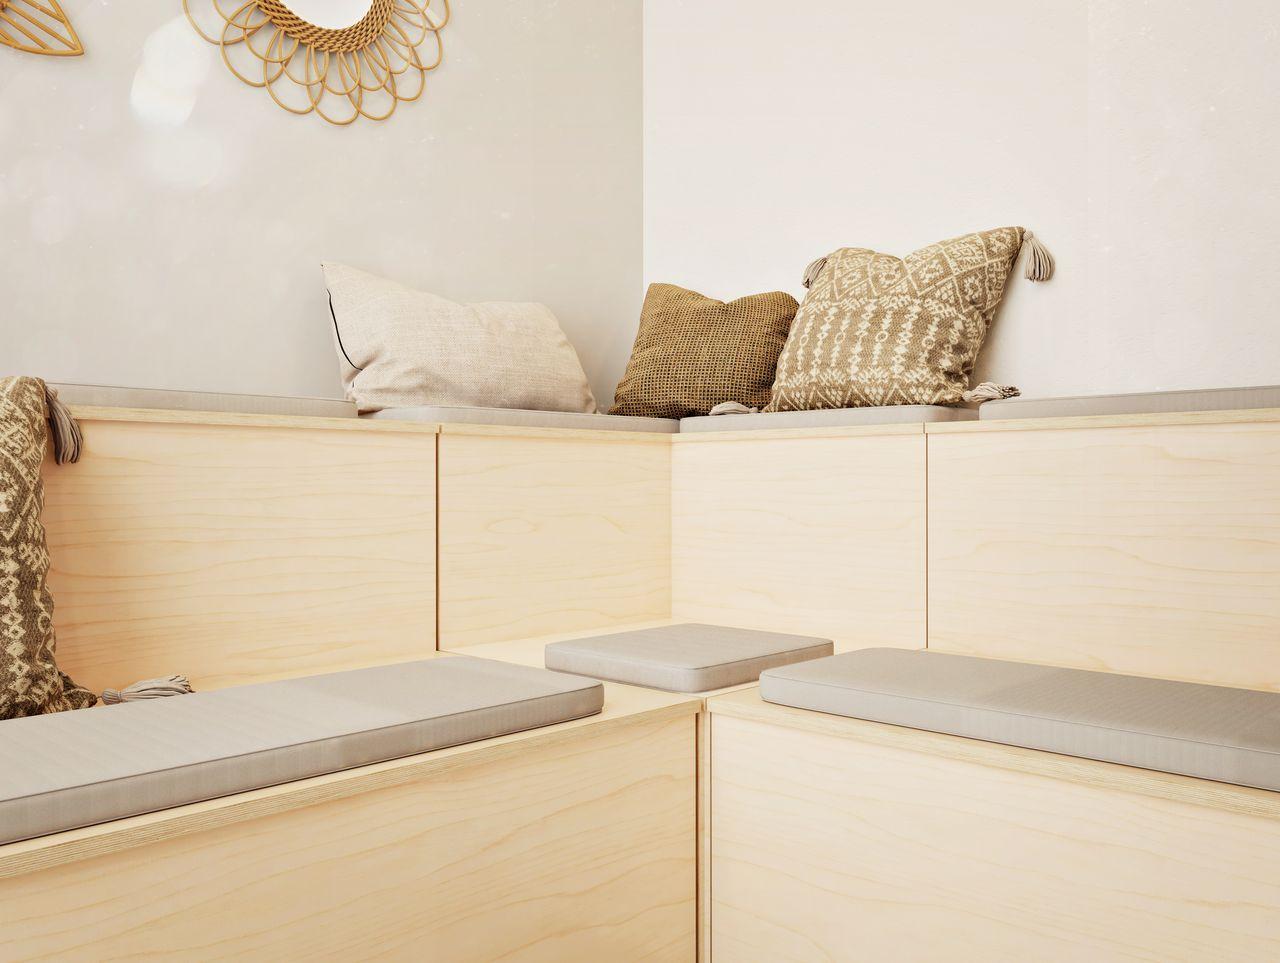 Banquette en bois sur deux niveau en angle avec coussins et galettes sur les assises